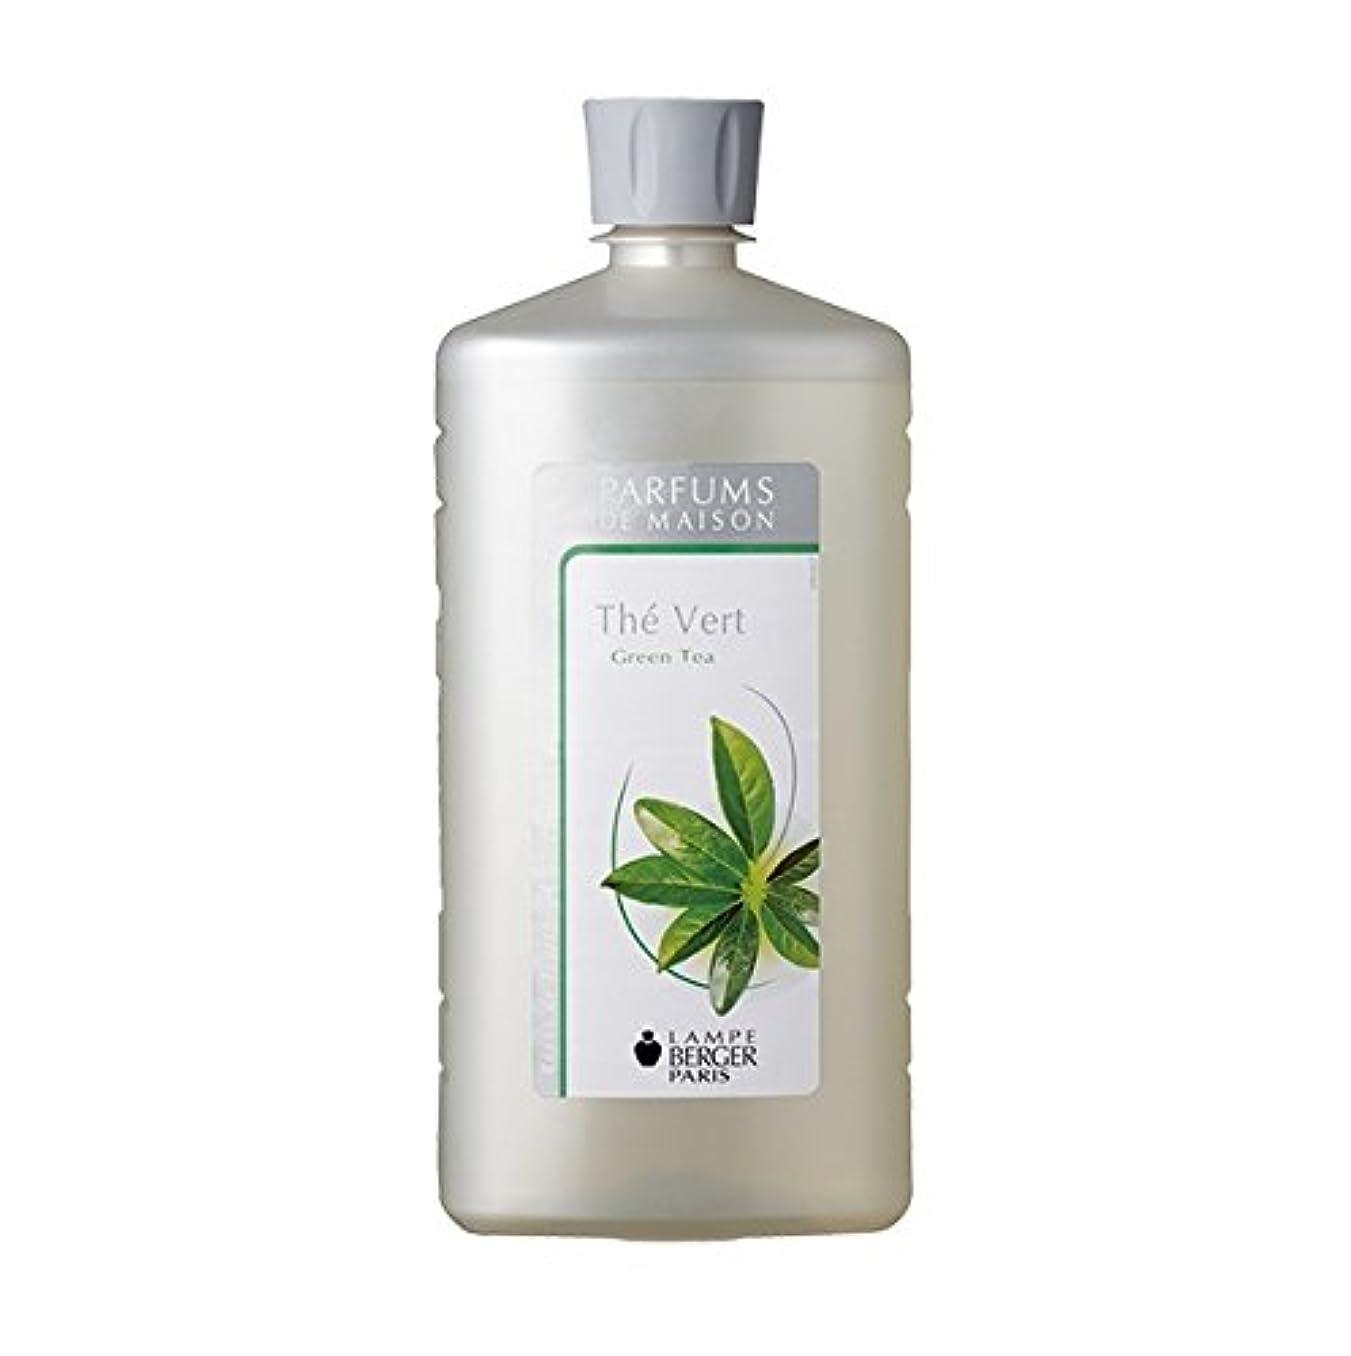 発掘酔っ払いノベルティランプベルジェオイル(緑茶)Thé Vert